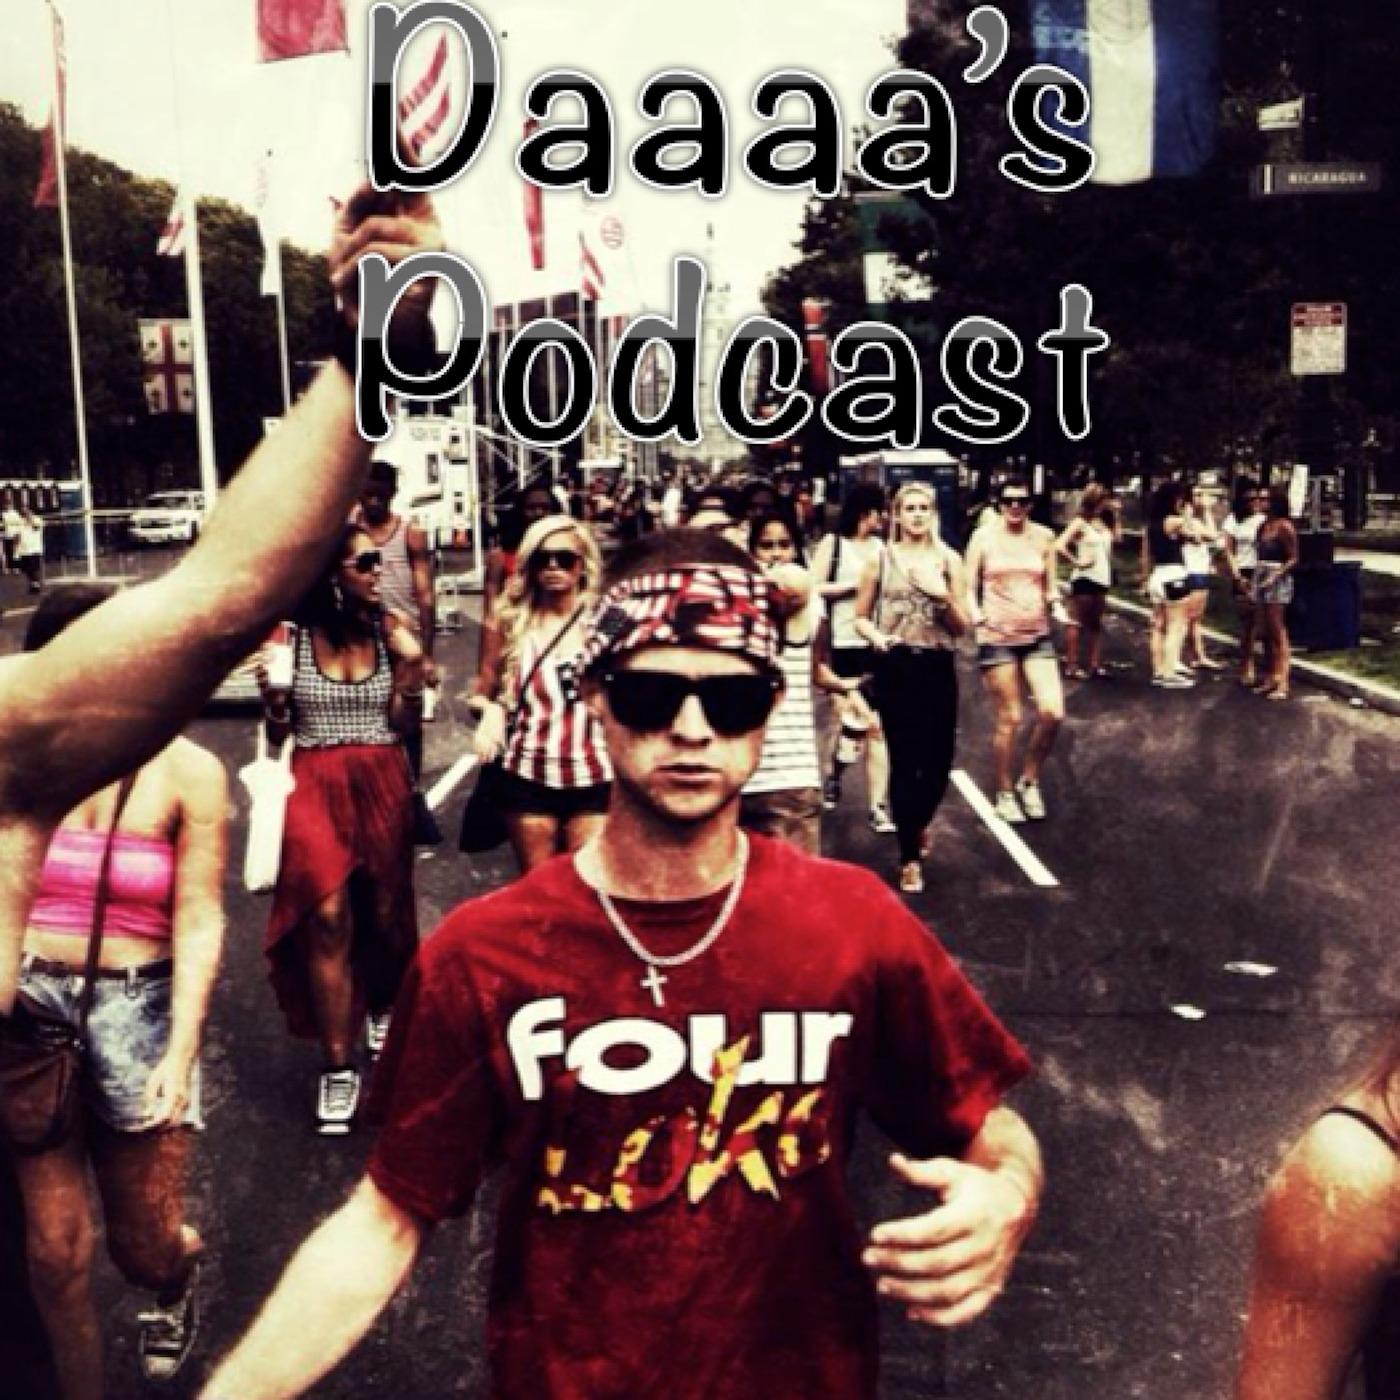 Daaa's Podcast